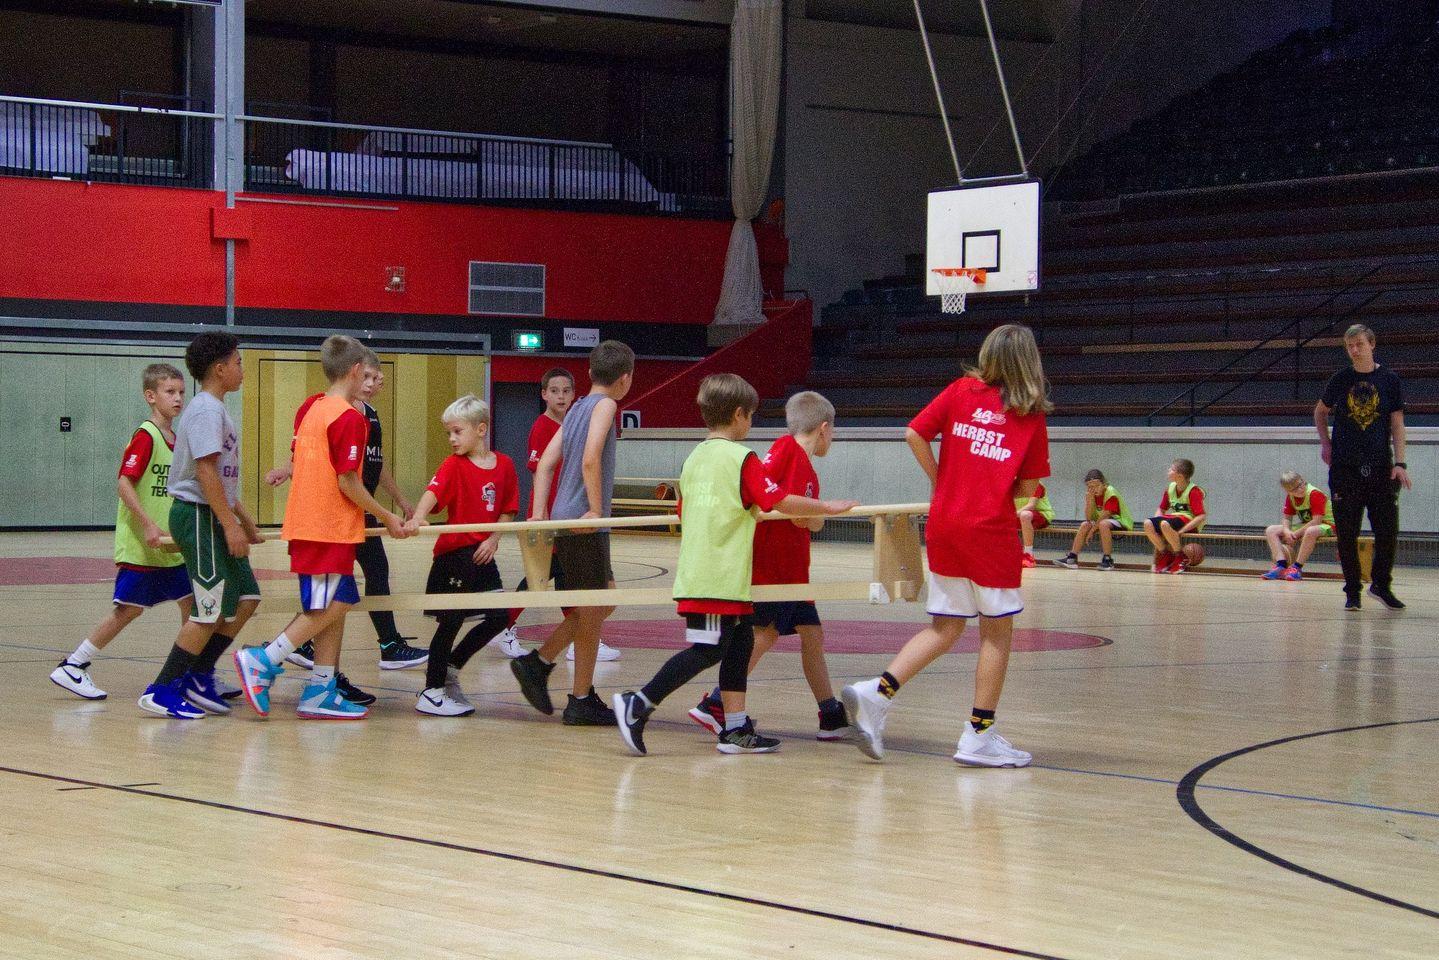 U12: Jaroslaw Zinn zieht zum Korb im Spiel gegen Hanau